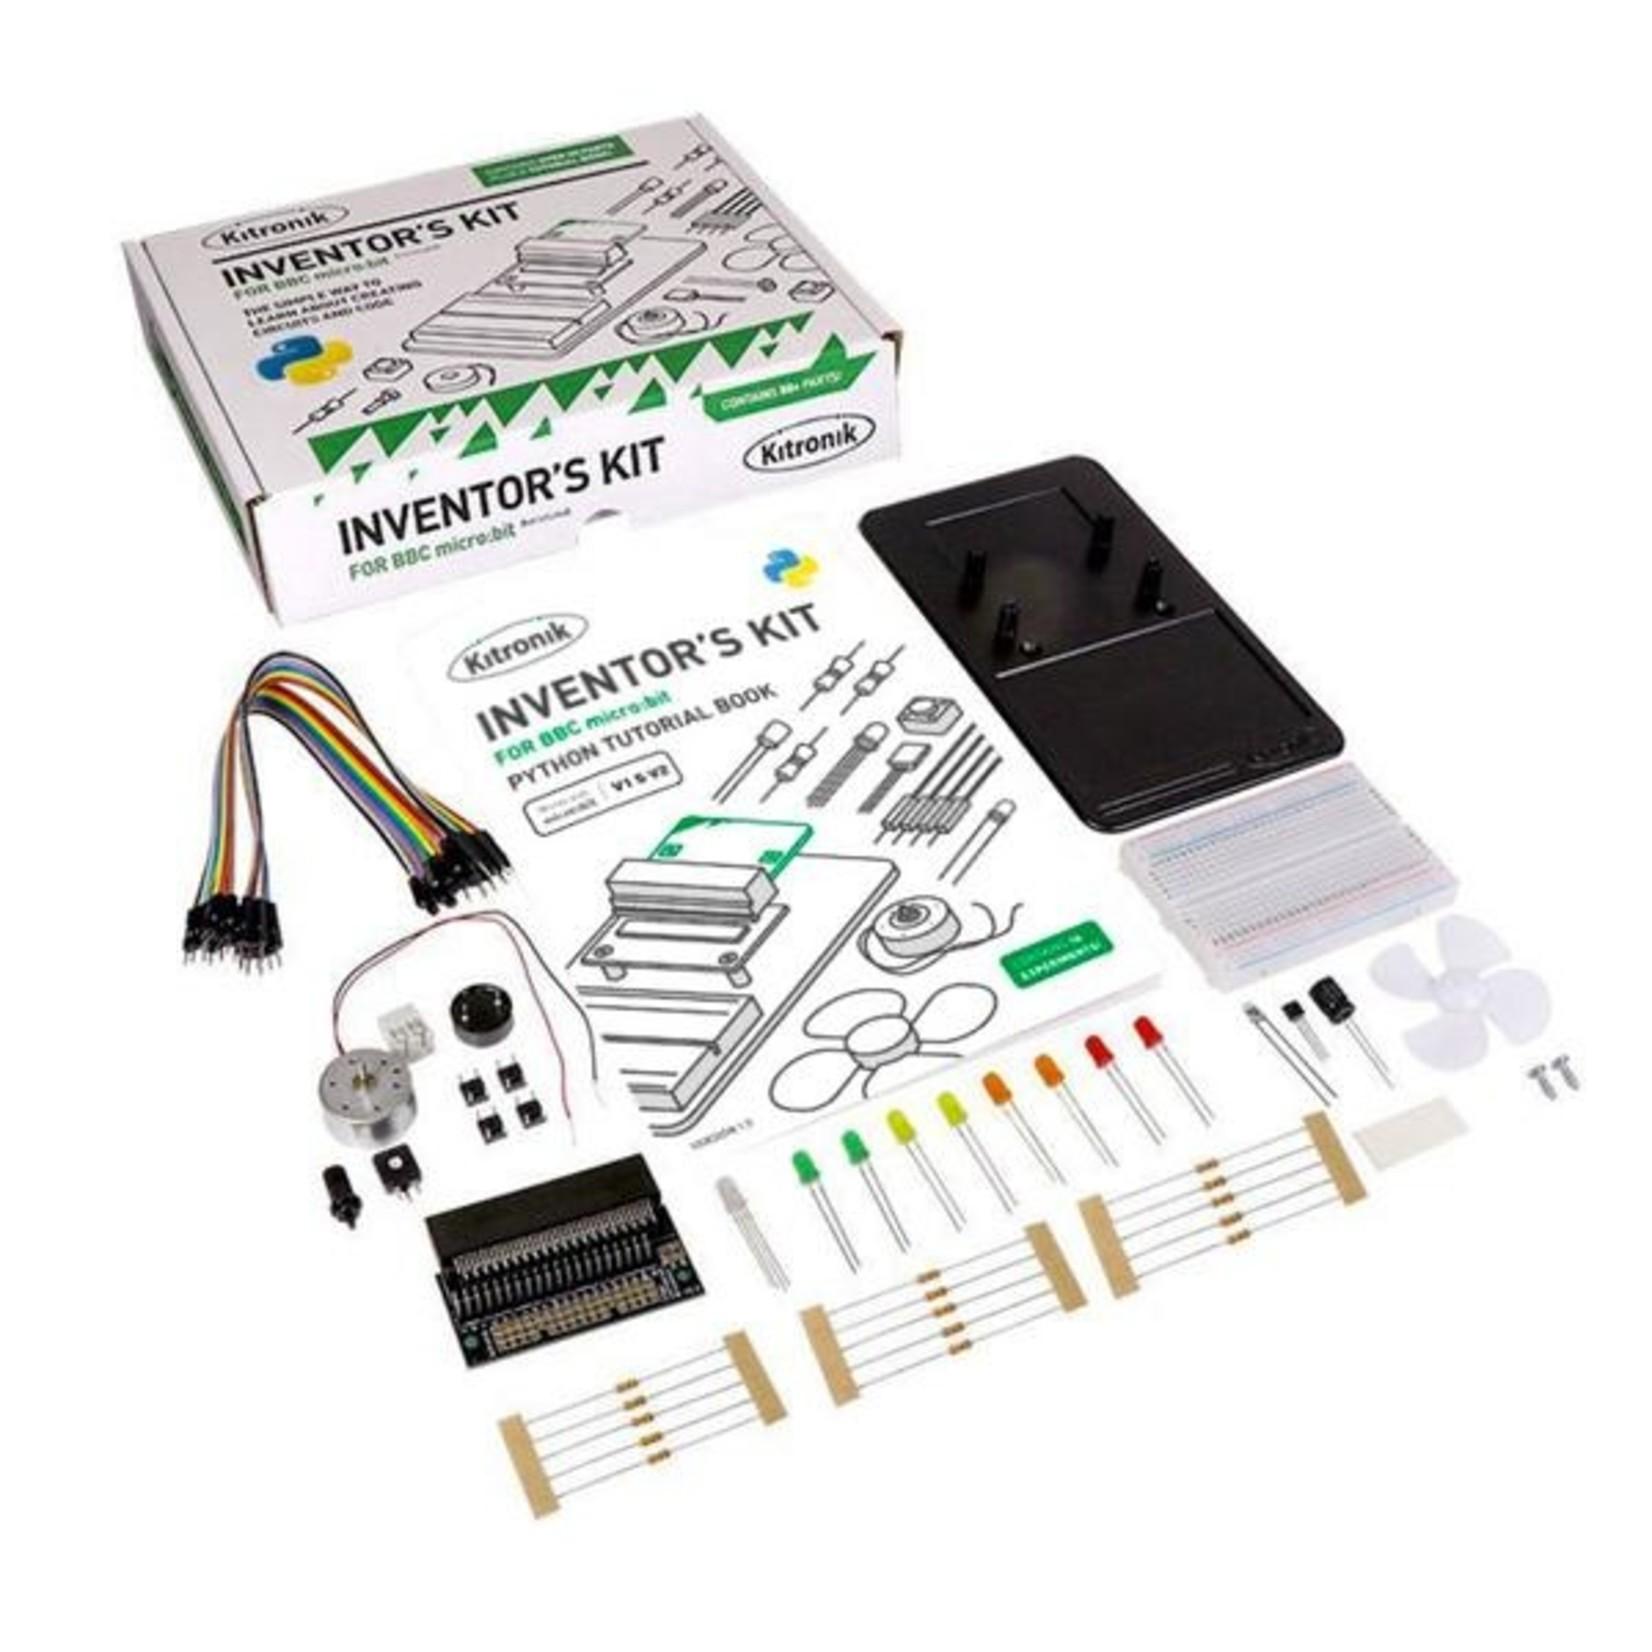 Kitronik Uitvinderskit voor BBC Micro:bit (EN) - Python version